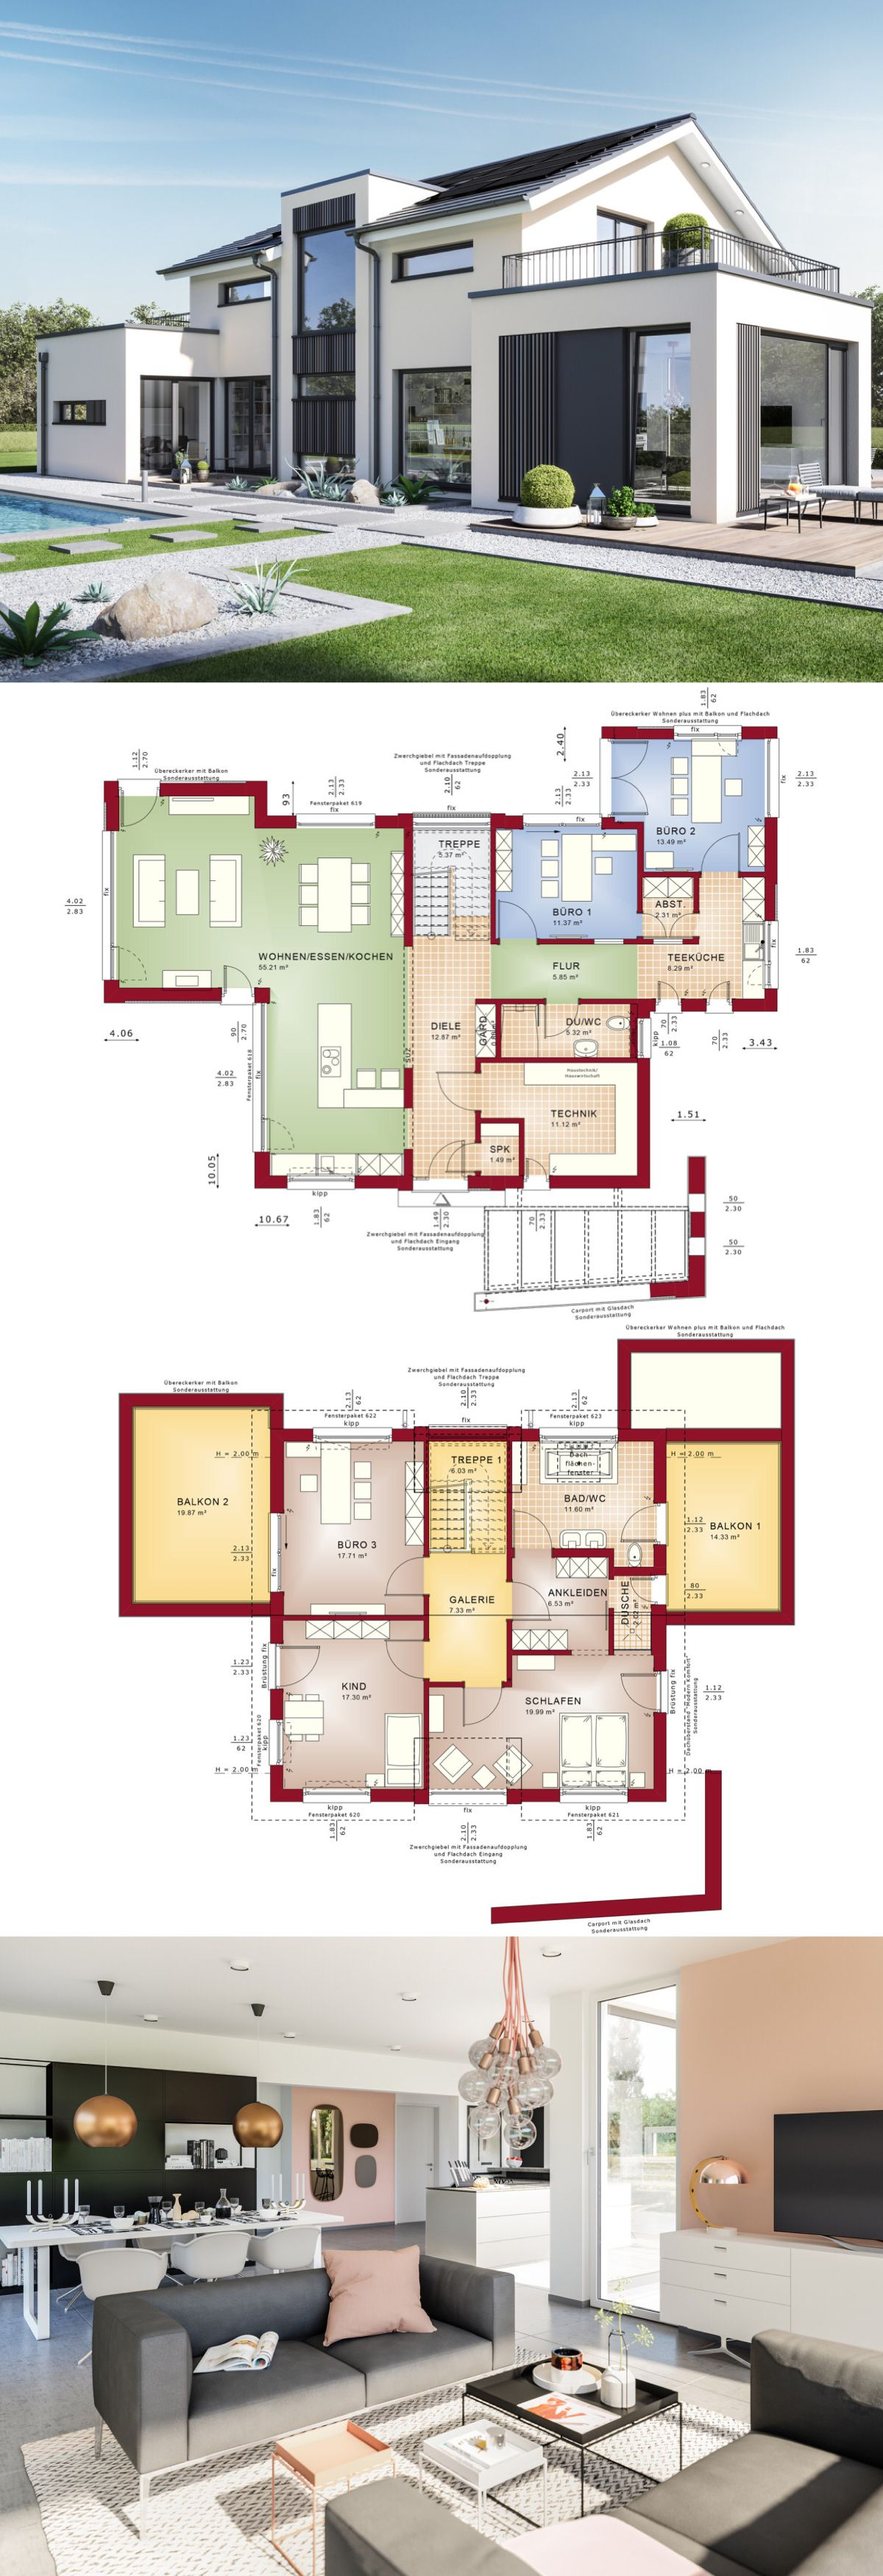 Modernes Design   Haus Concept M 154 Bien Zenker   Einfamilienhaus Mit  Satteldach Bauen Grundriss Modern